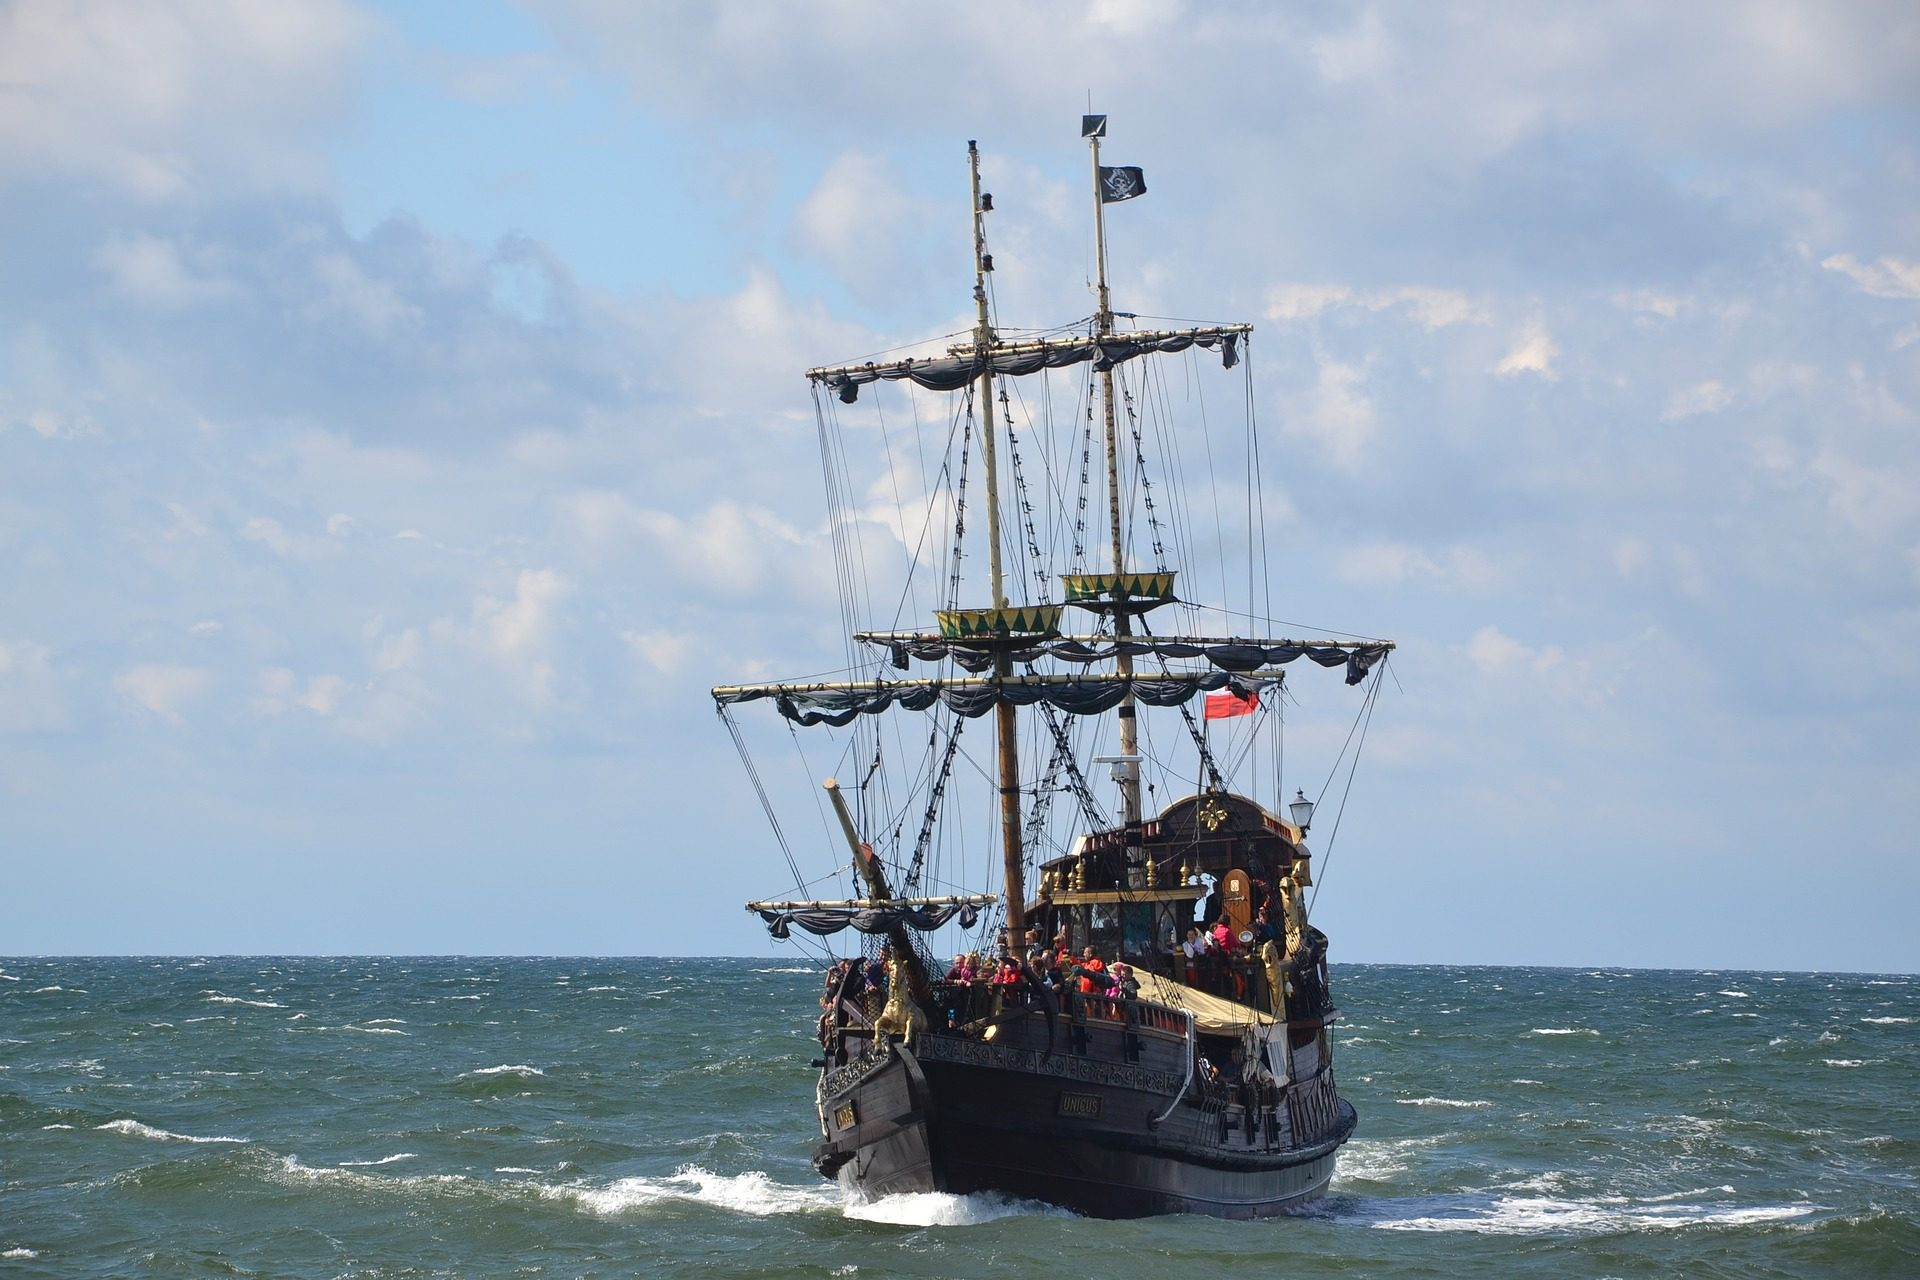 barco, velero, pirata, mástiles, velas, embarcación, mar - Fondos de Pantalla HD - professor-falken.com